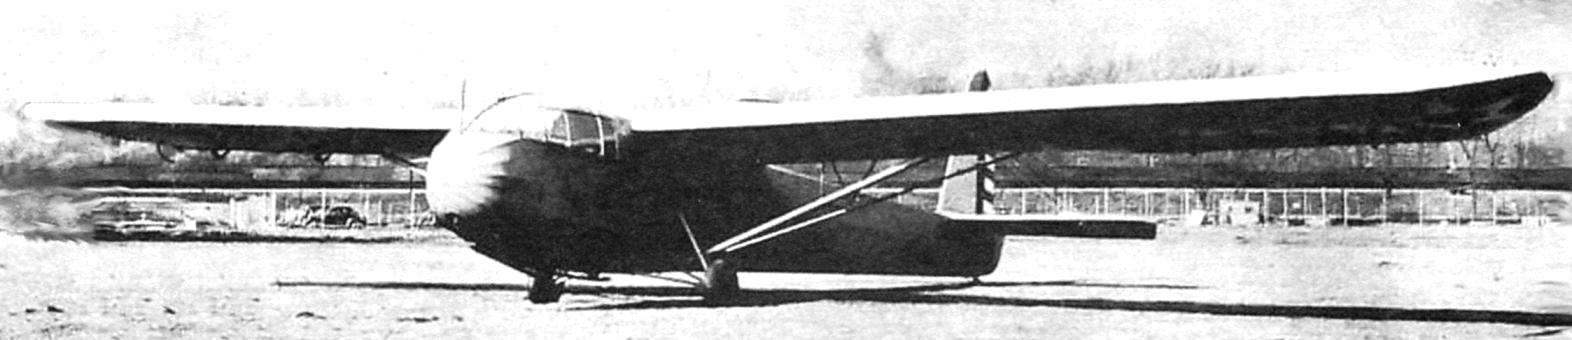 Опытный образец планёра СG-3. Он имел руль направления, окрашенный в полоску. Обратите внимание на большой фонарь, форму законцовки крыла и подкосы крыла и шасси